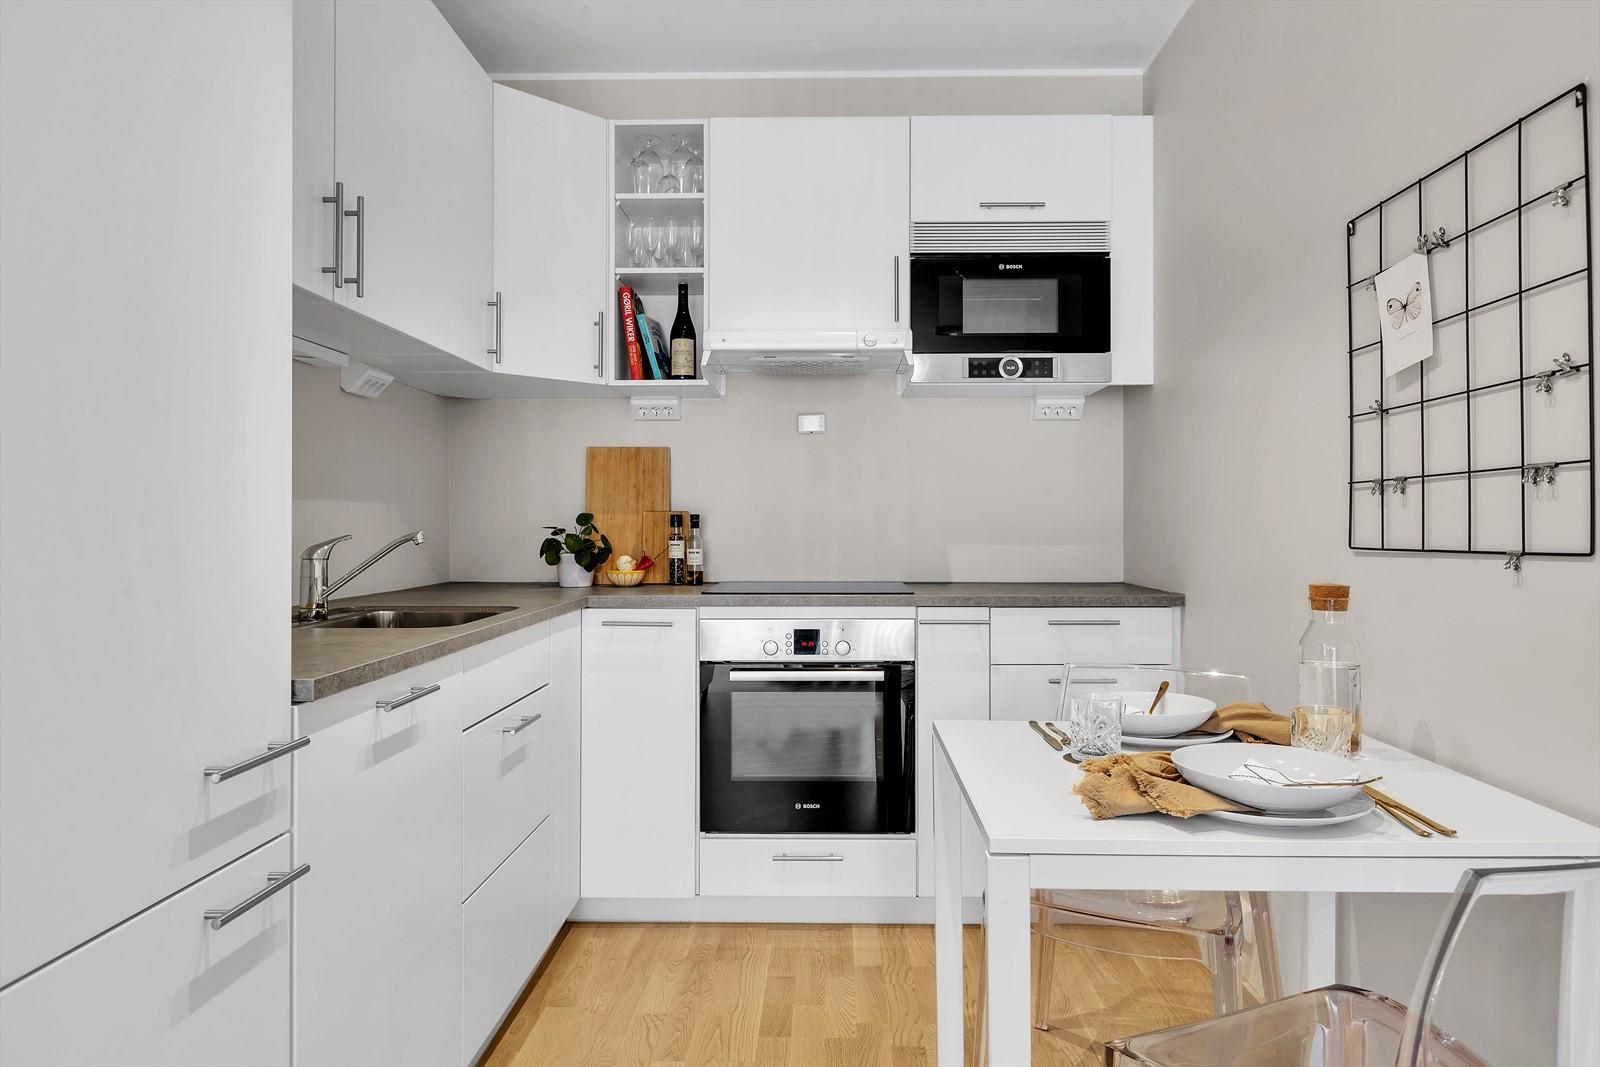 Kjøkkenet har integrerte hvitevarer